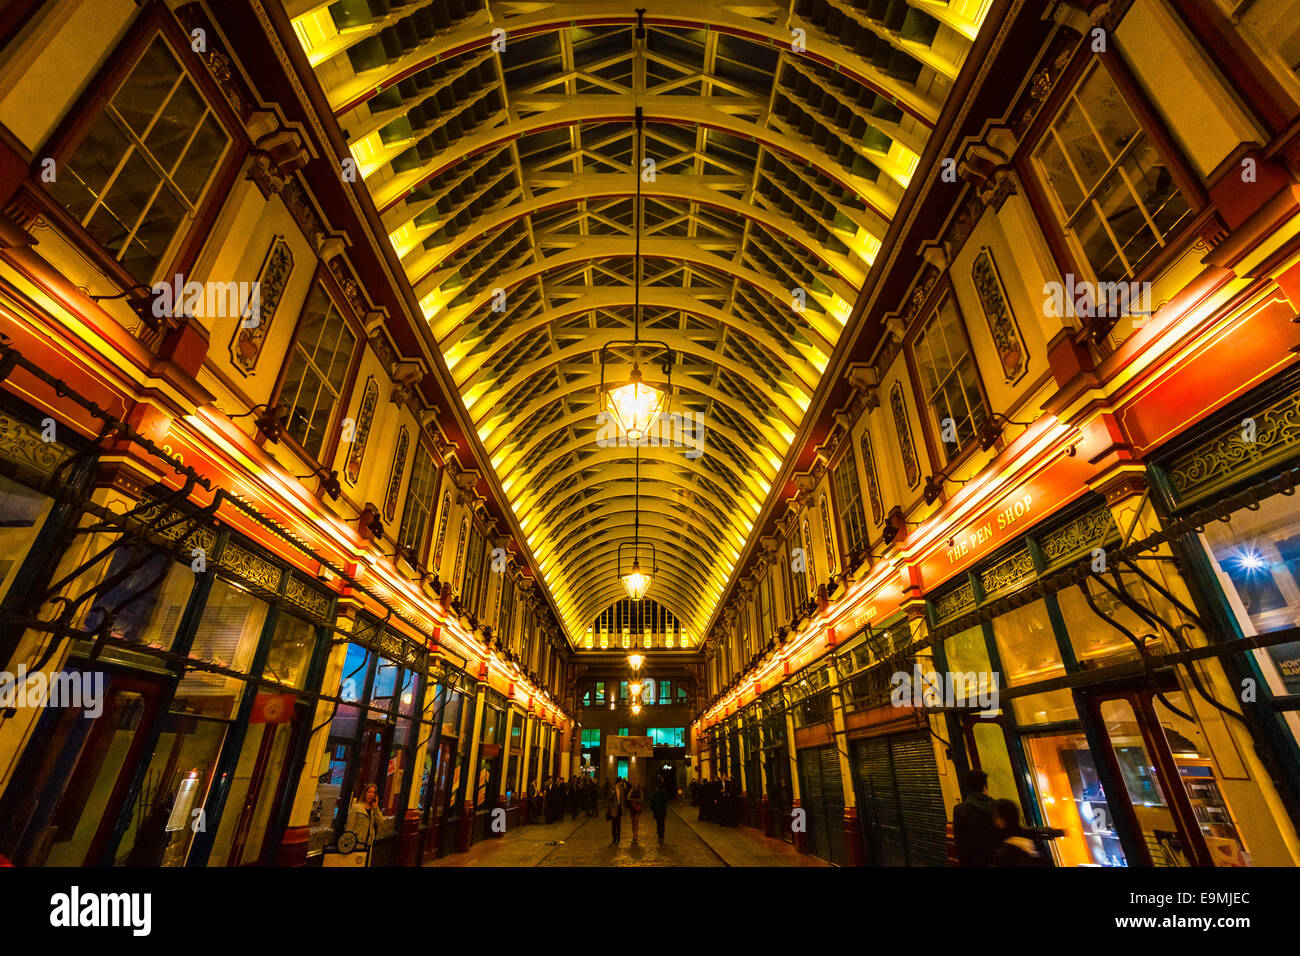 Londra - MARZO 19: mercato Leadenhall è un mercato coperto a Londra ,è uno dei più antichi marketsof Immagini Stock